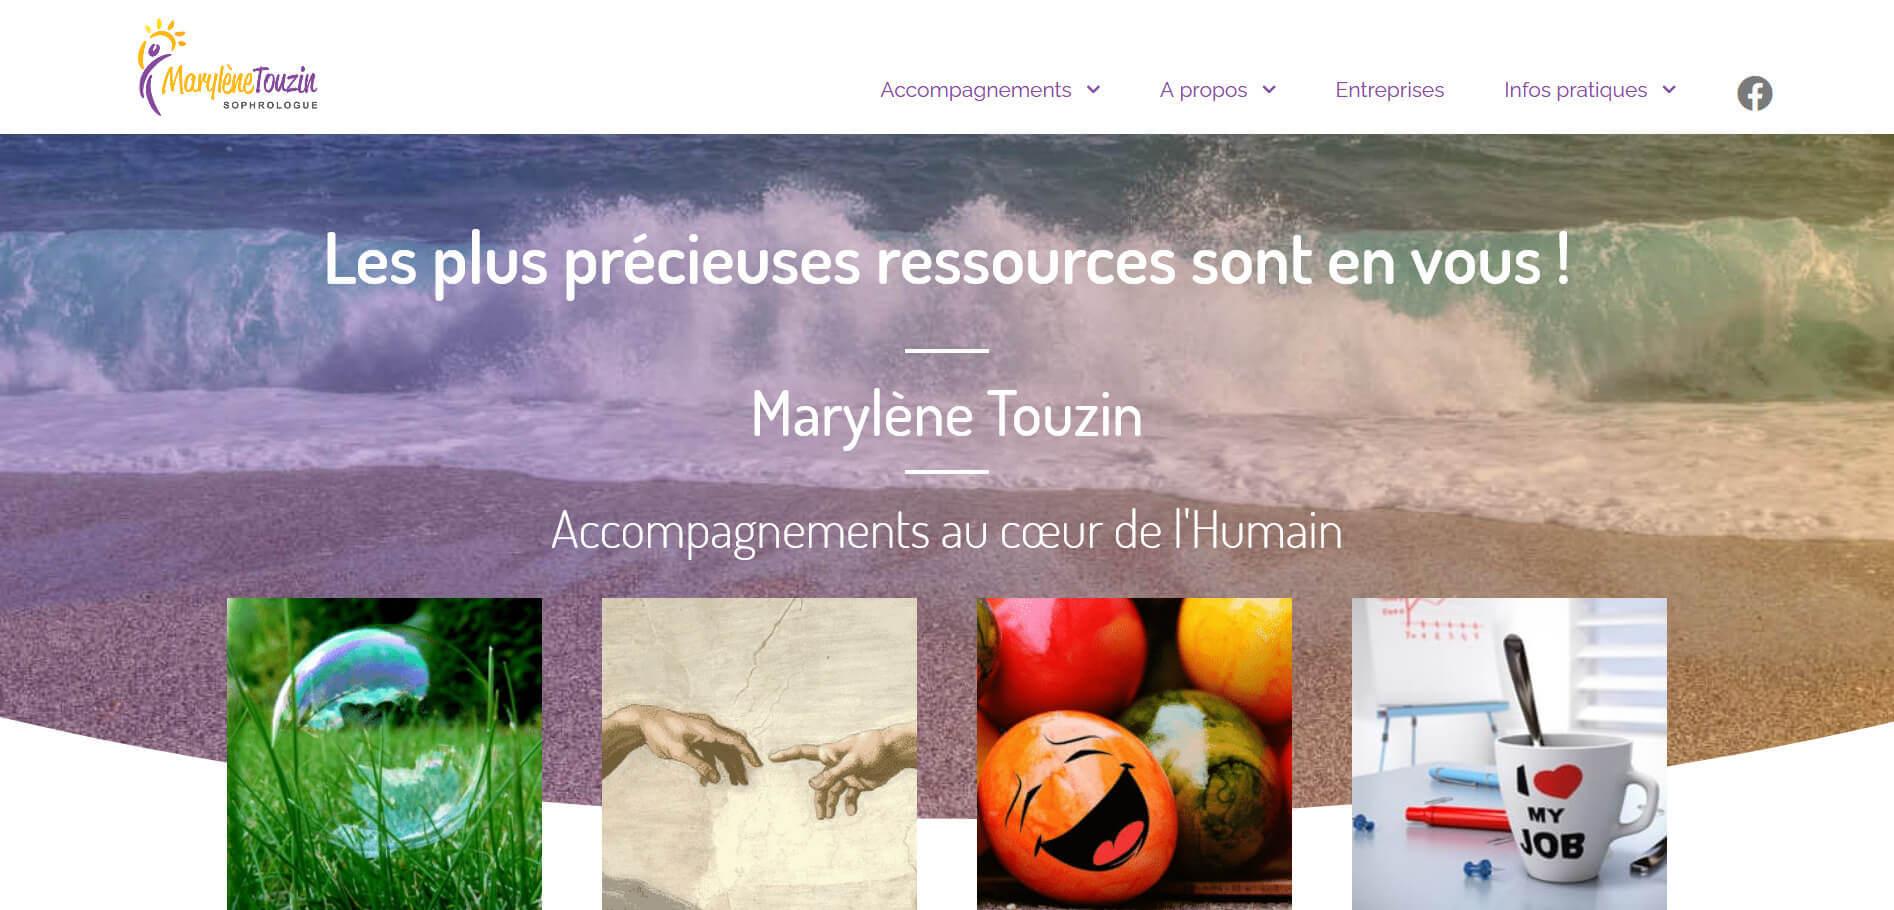 Marylène Touzin